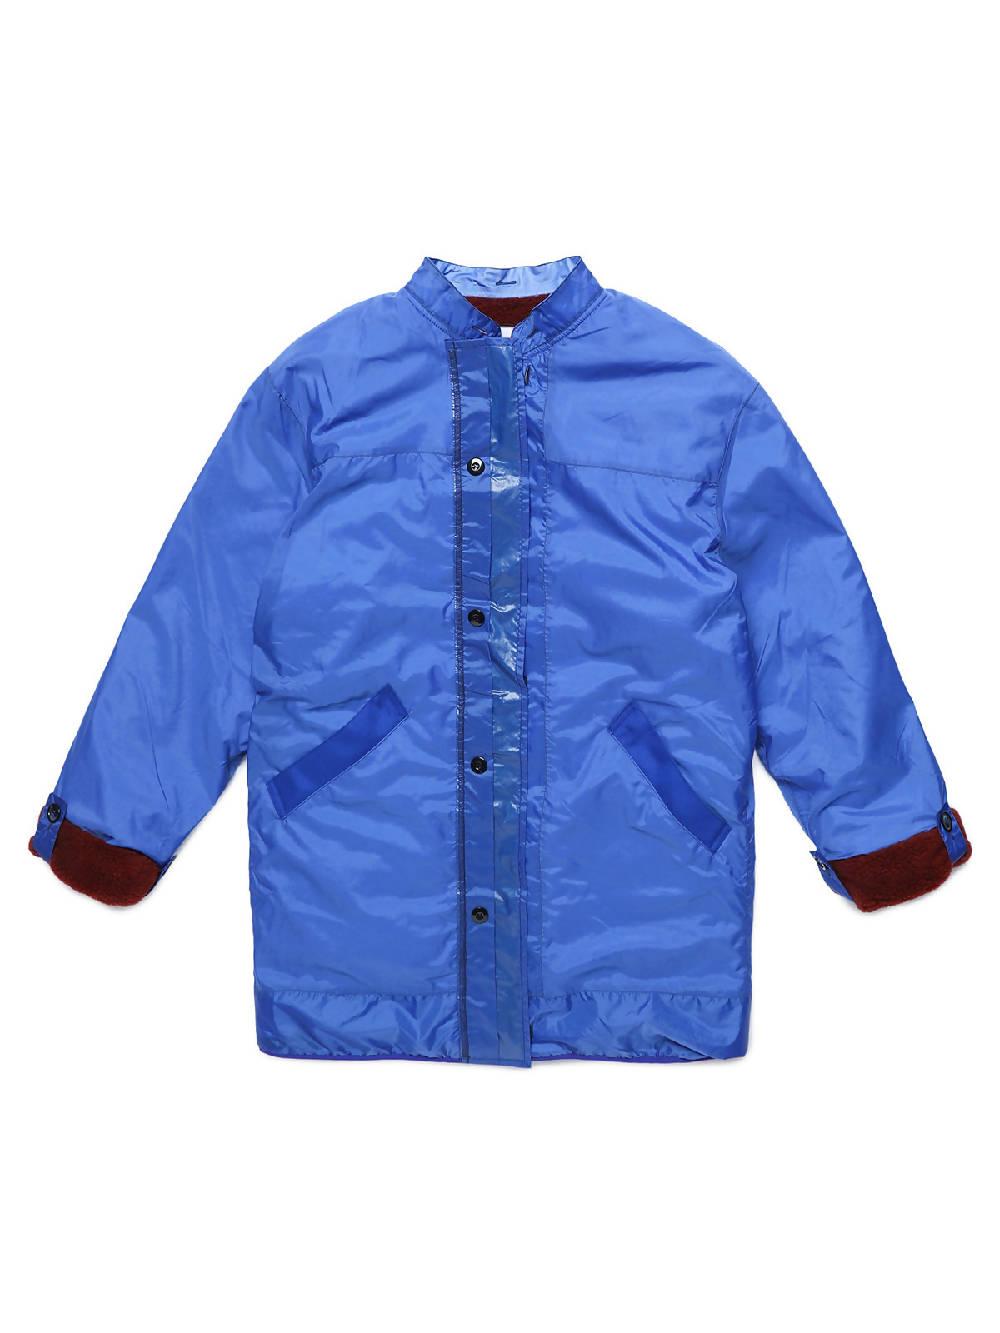 MYAR KLJ80 Blue HOLLAND GORETX JACKET